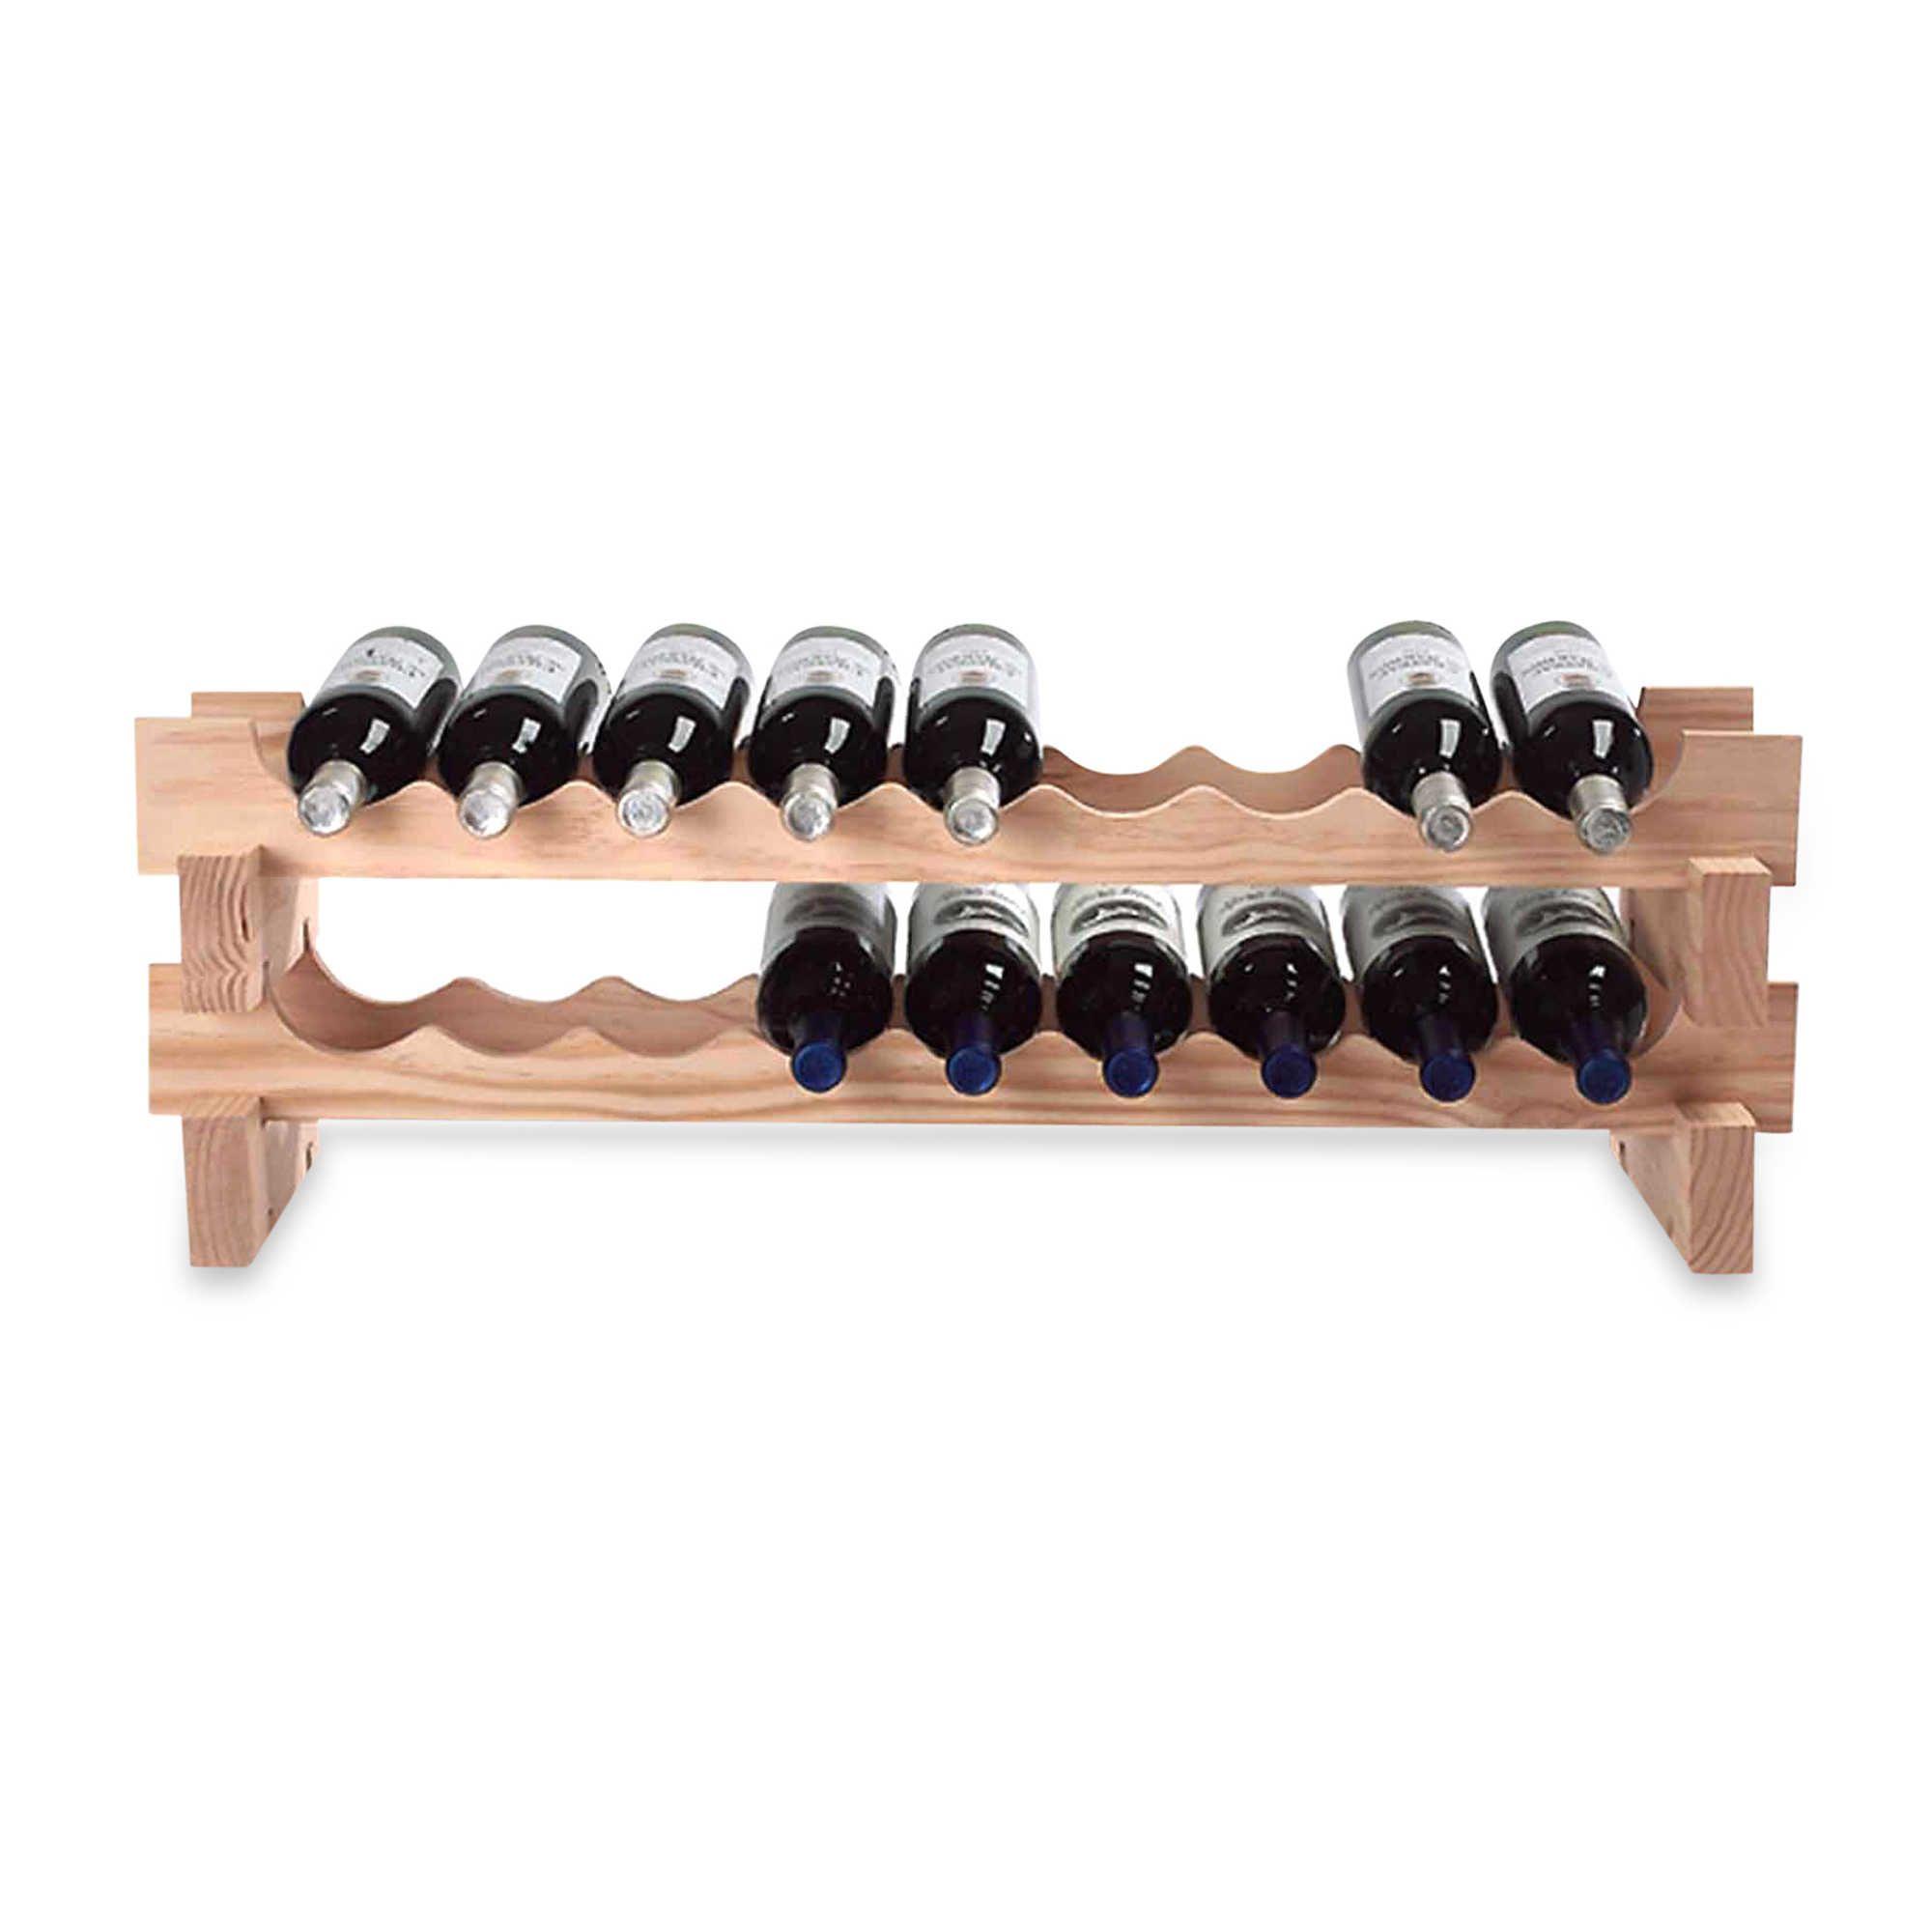 26449441218457p 2000 2000 Stackable Wine Racks Wine Rack Wine Bottle Storage